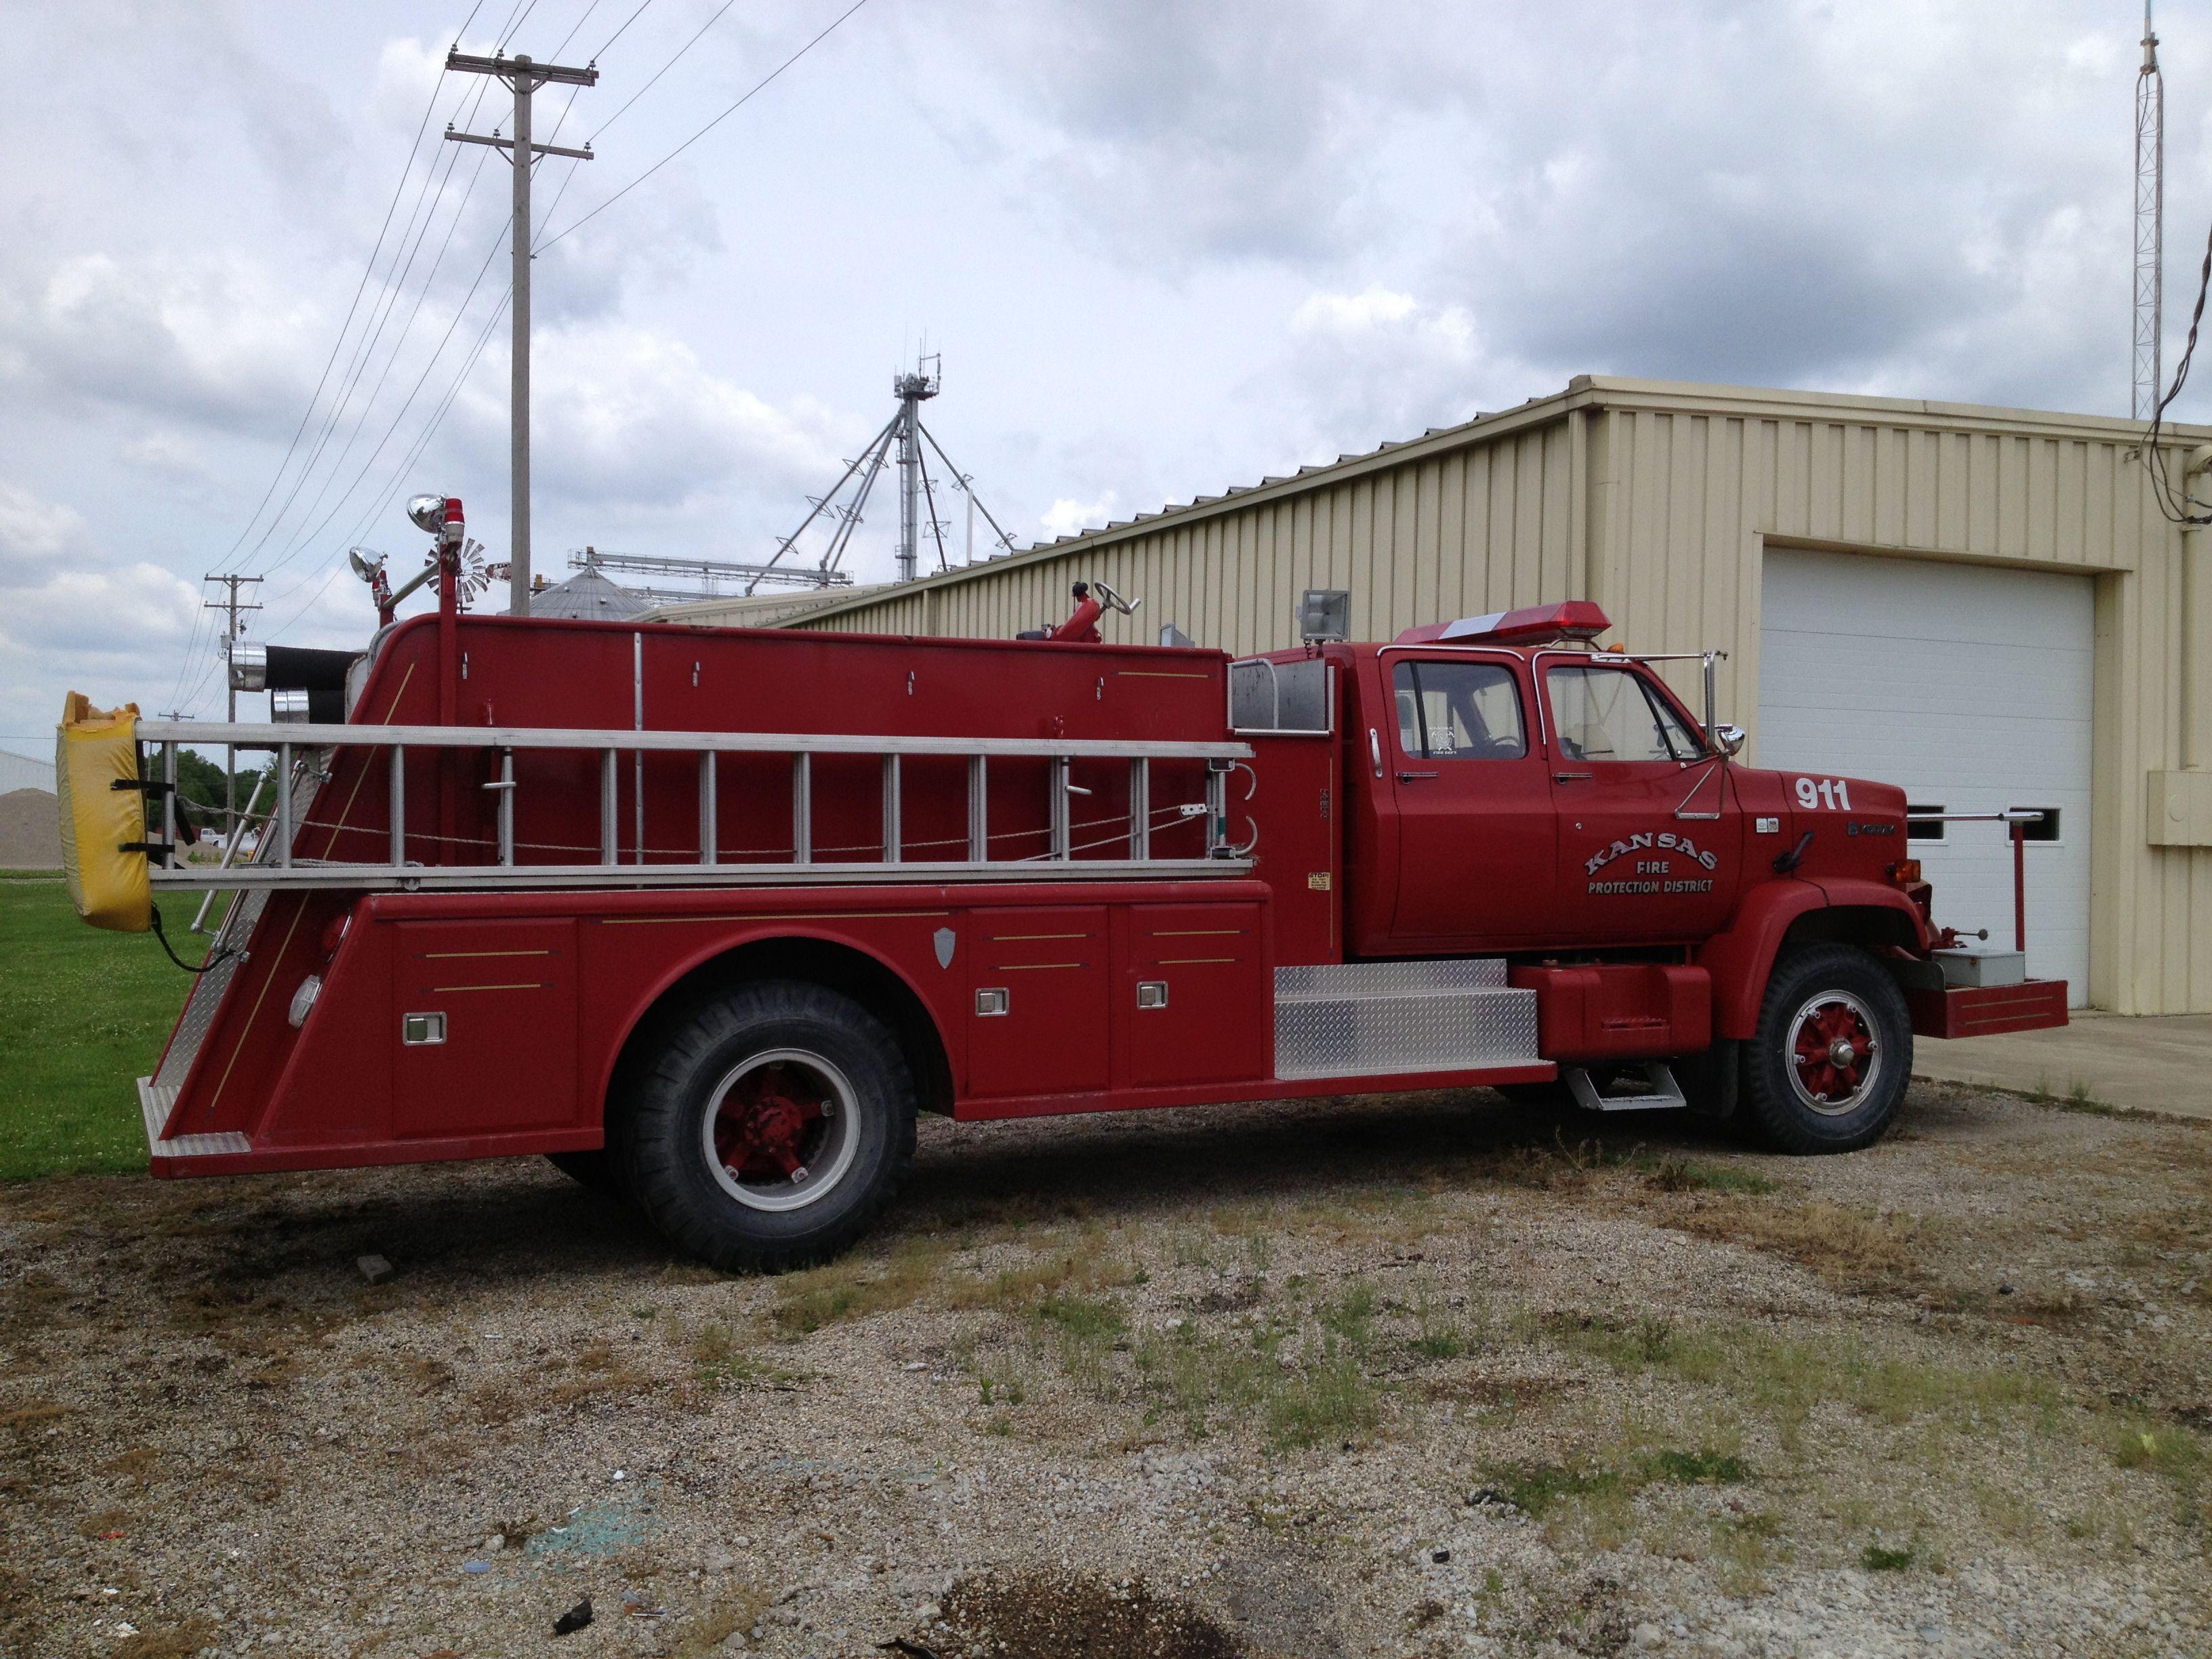 Illinois edgar county kansas - Fire Engine Kansas Illinois